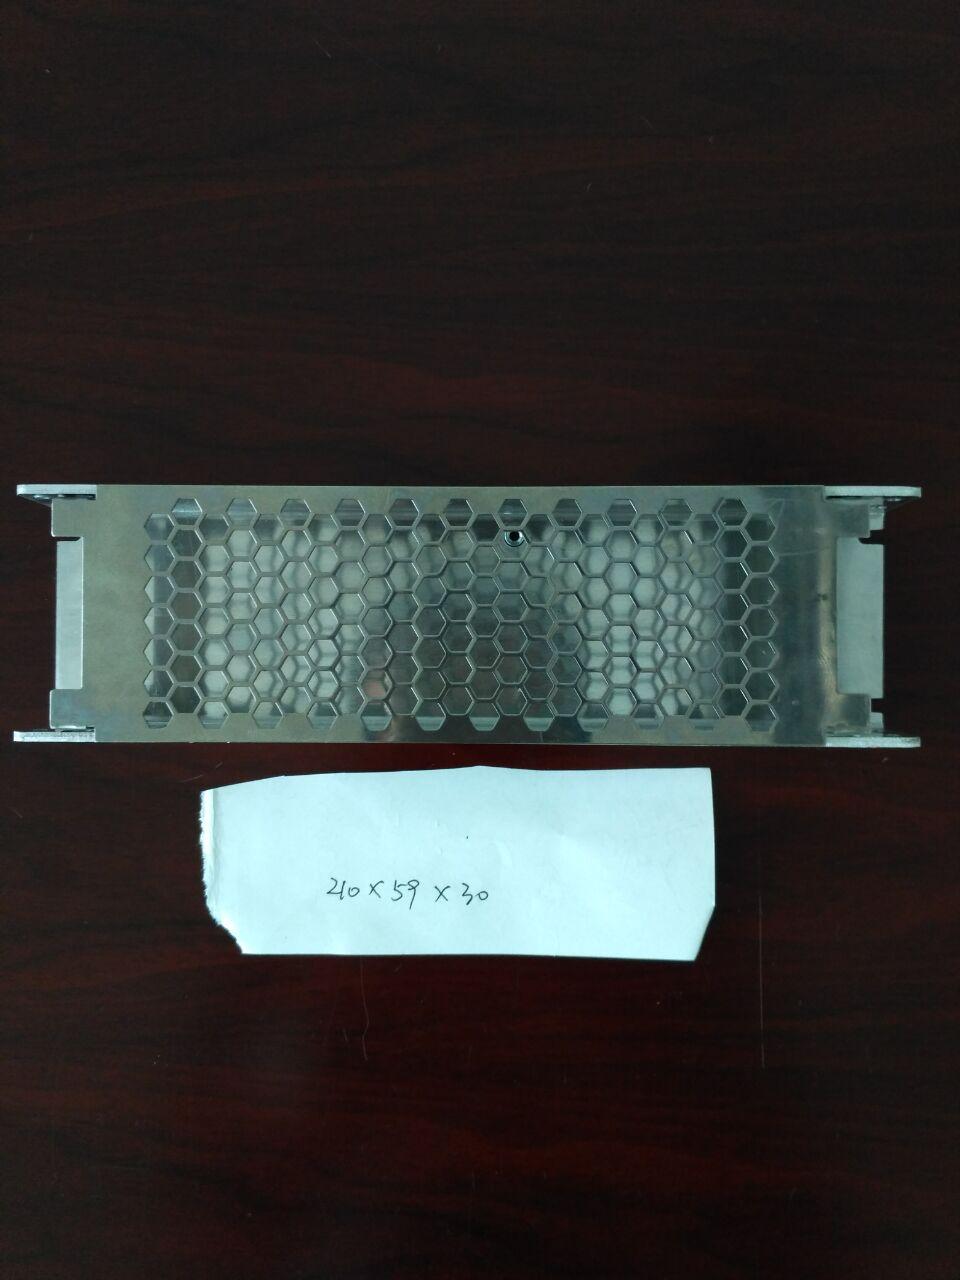 散热器外壳供应商 质量好的散热器外壳在哪买